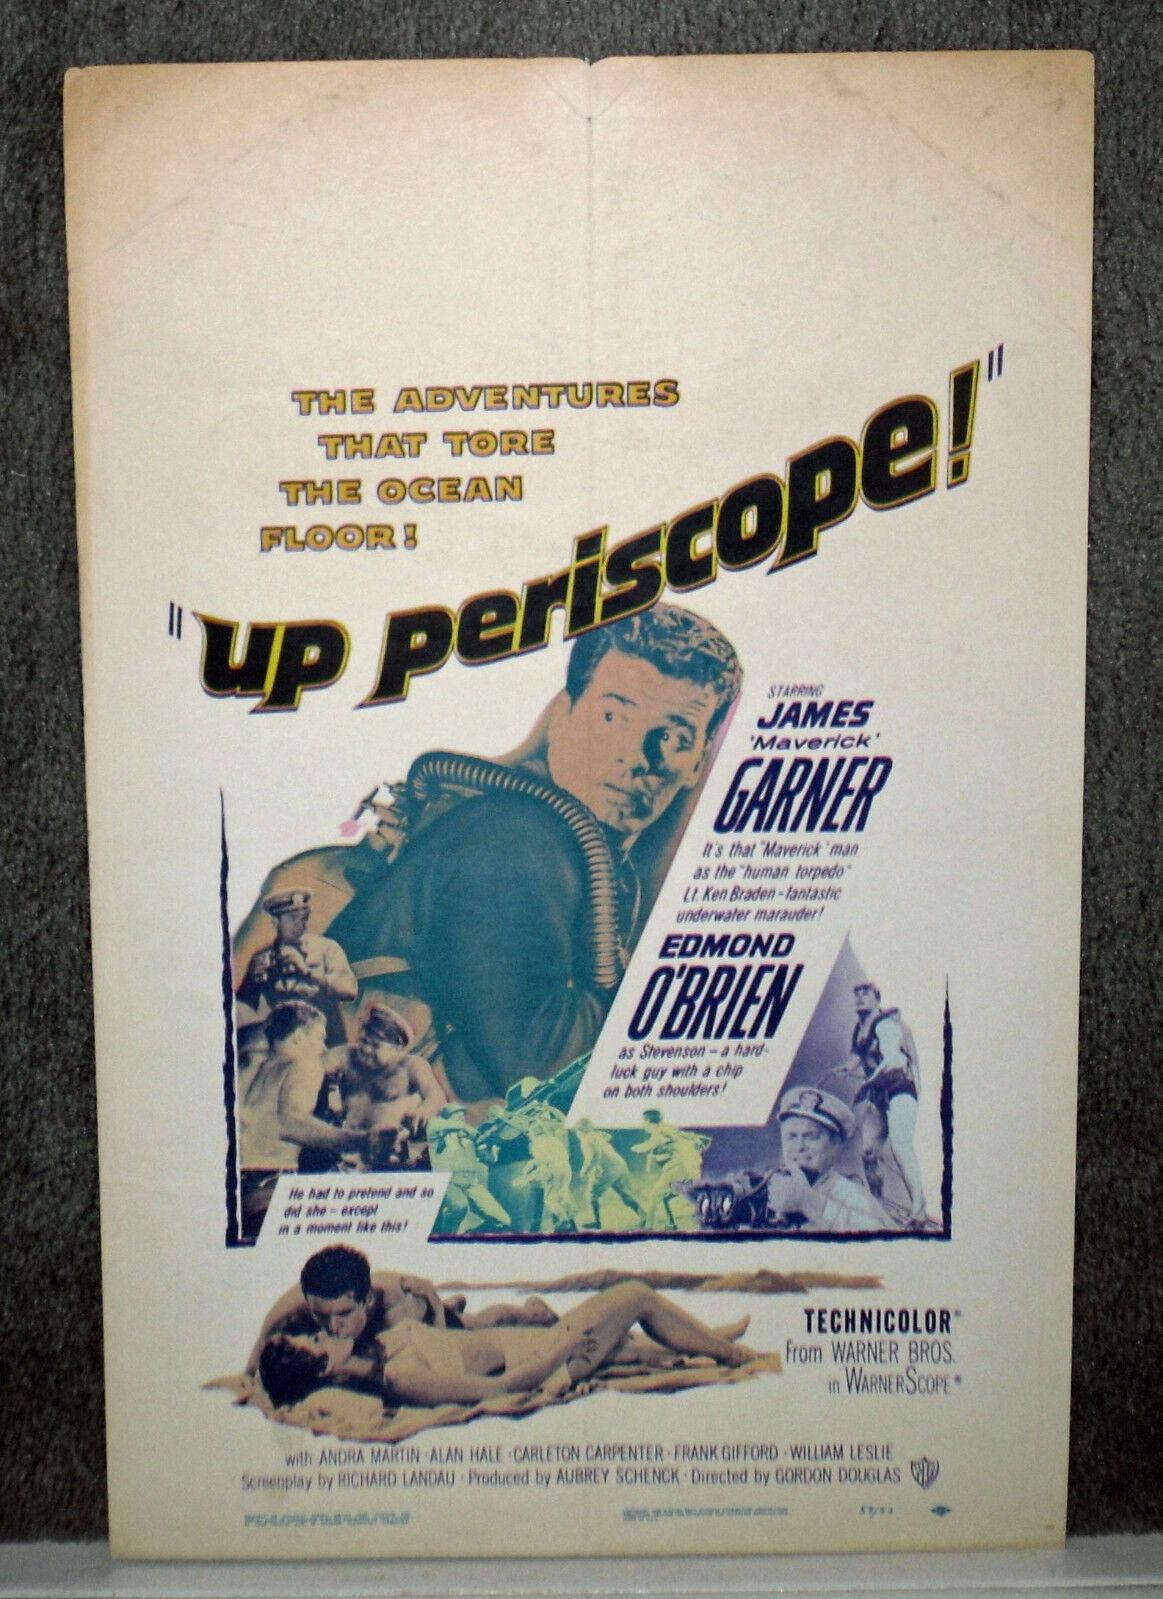 UP PERISCOPE SCUBA DIVING Original 1959 WW2 Movie poster JAMES GARNER